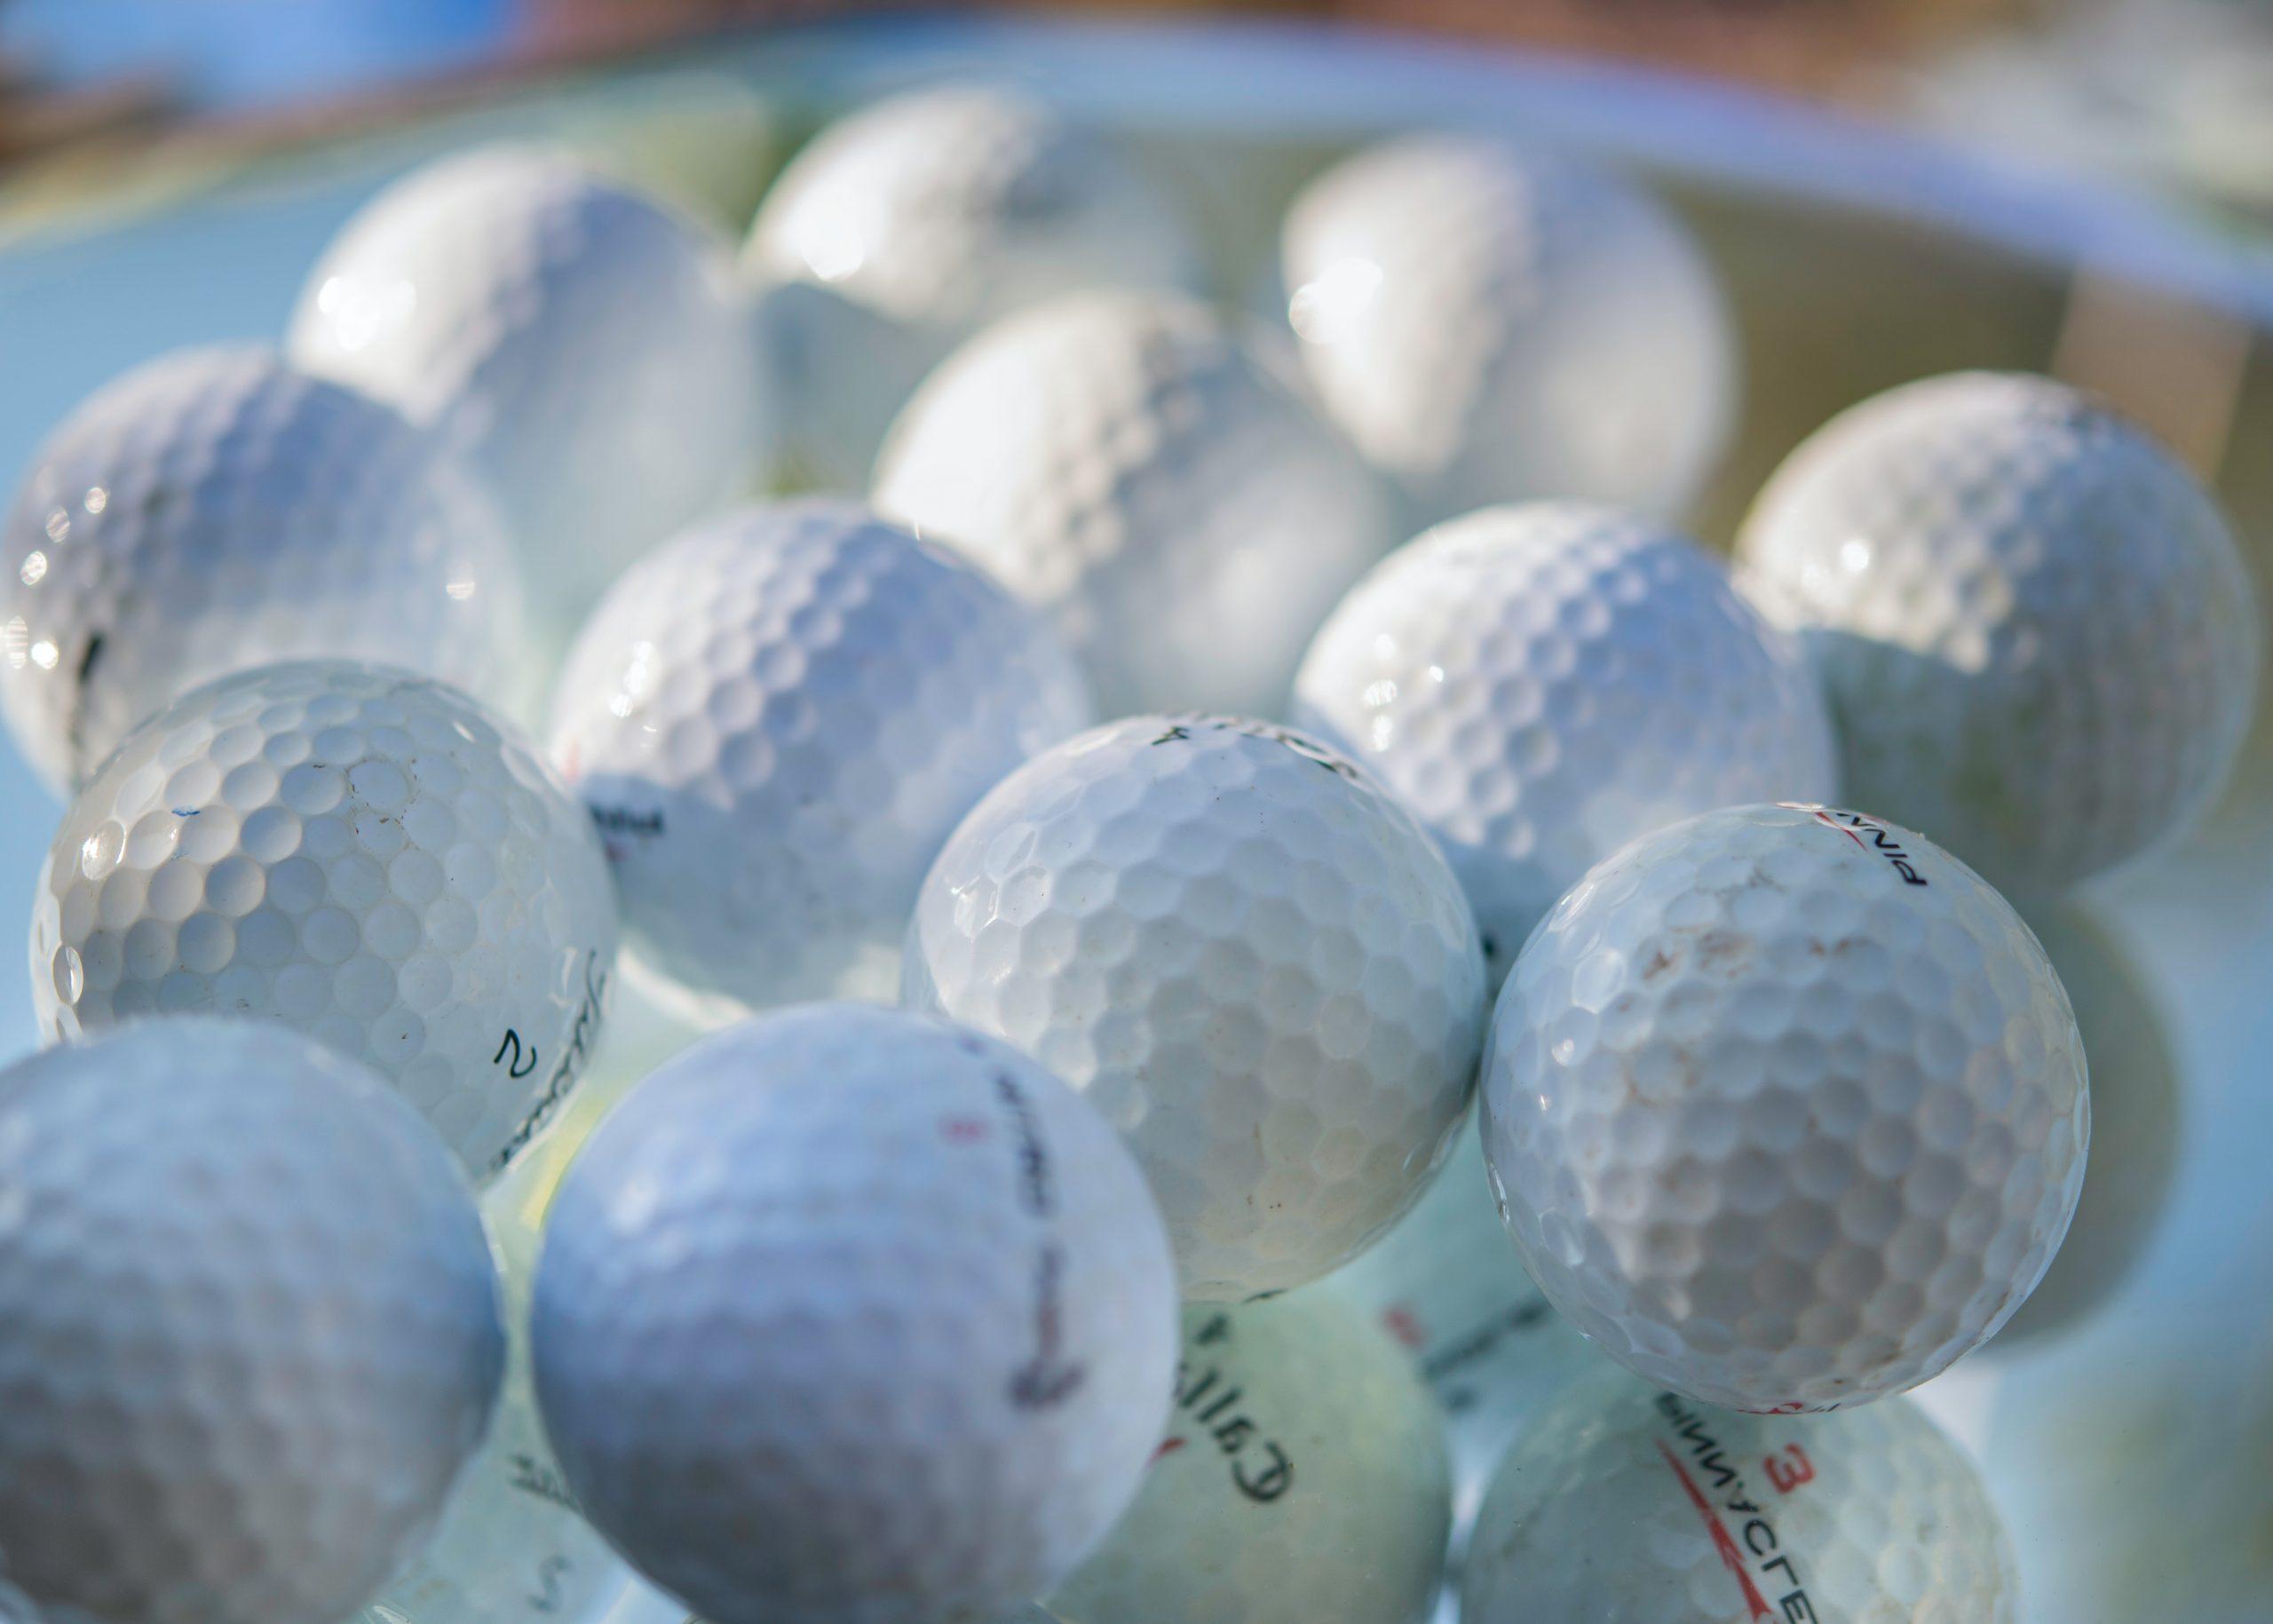 Imagen de varias bolas de golf